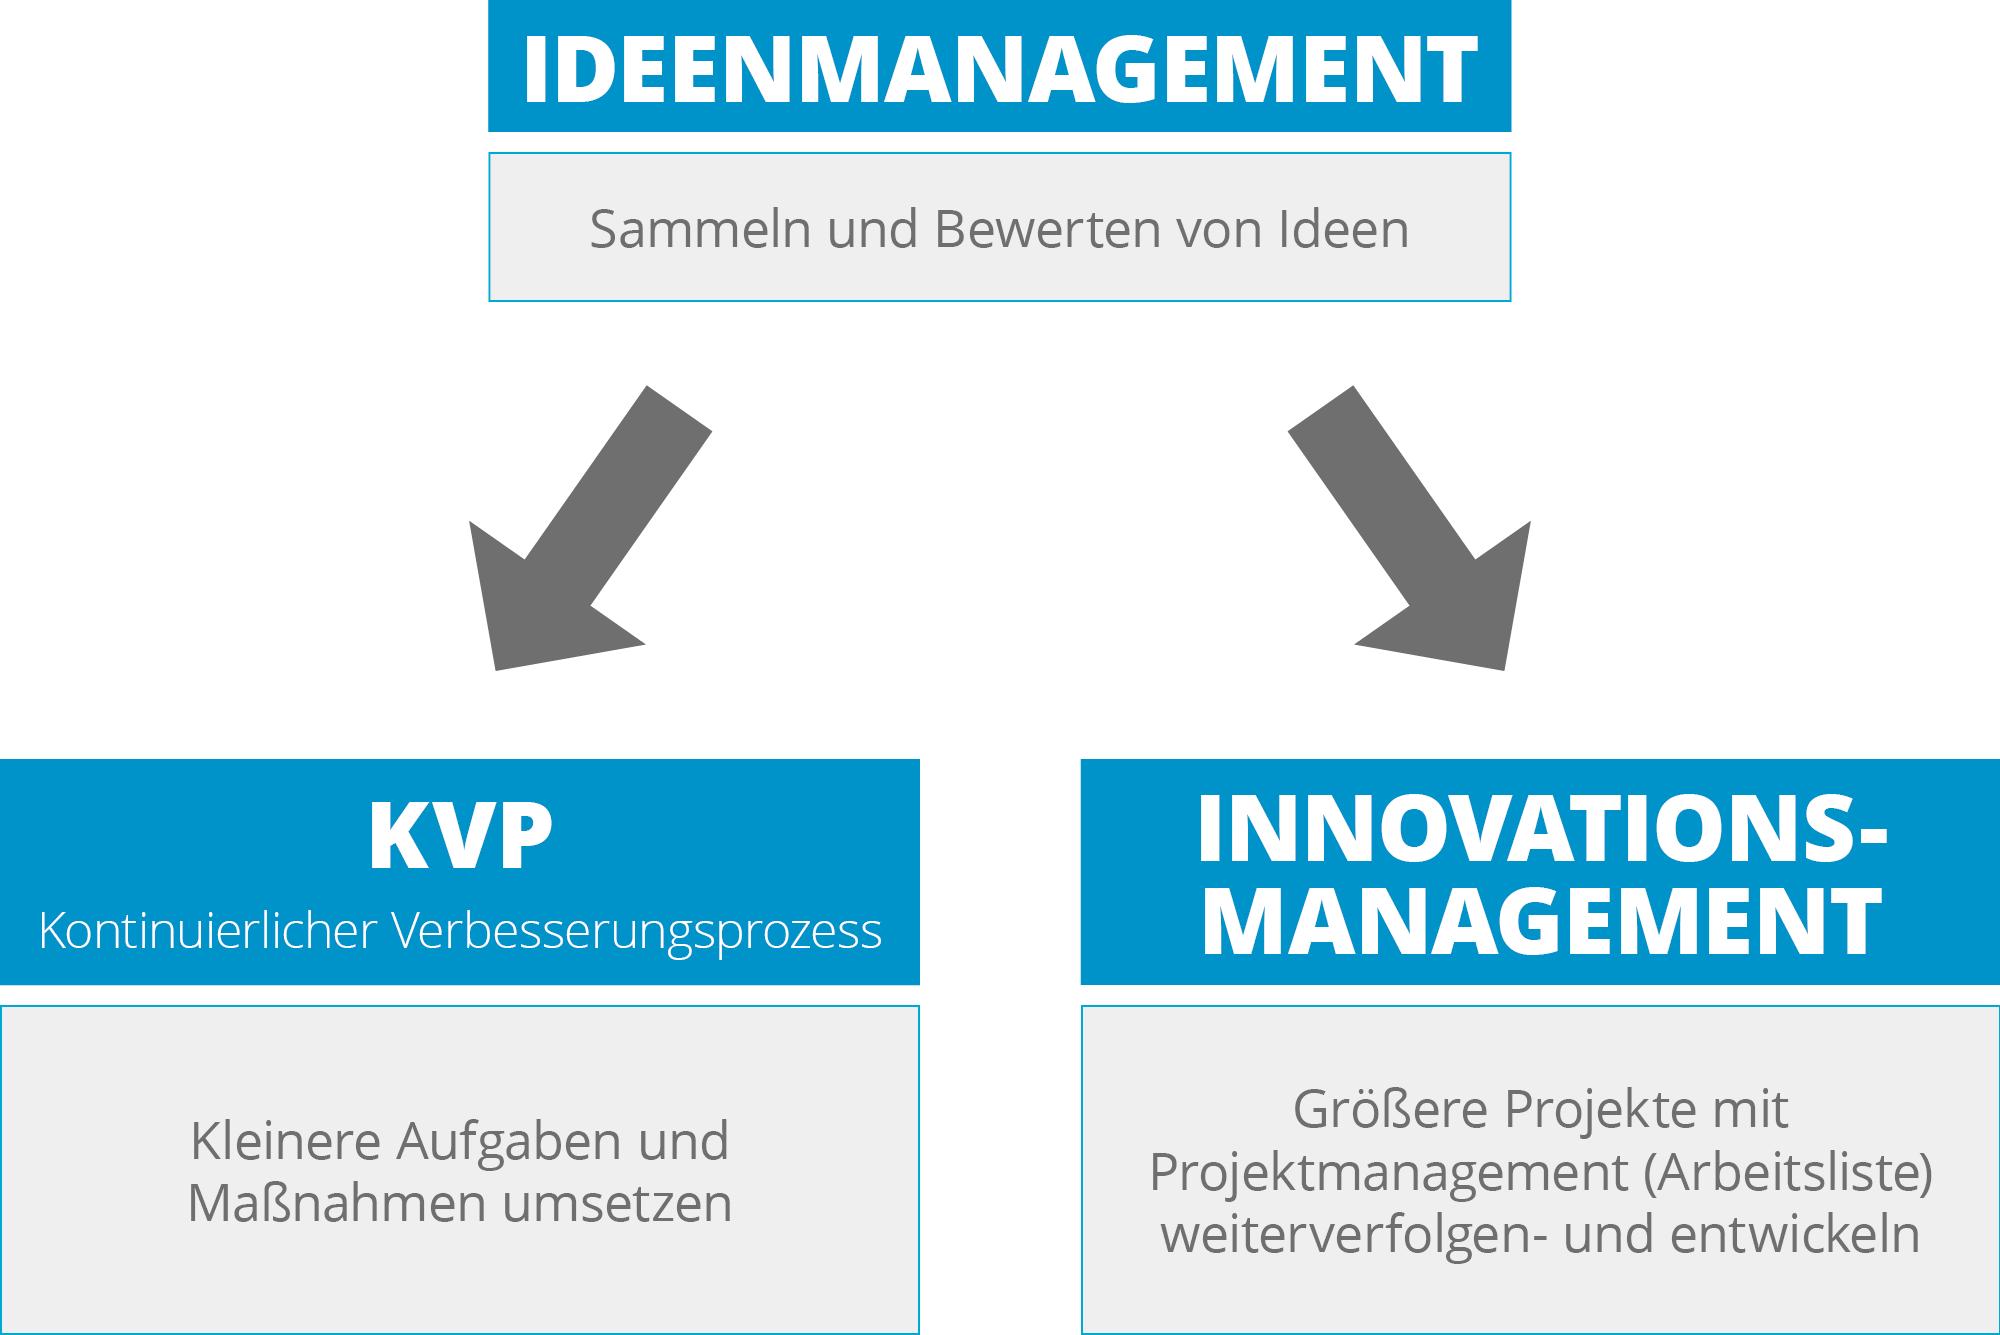 ideenmanagement-innovationsmanagement-grafik